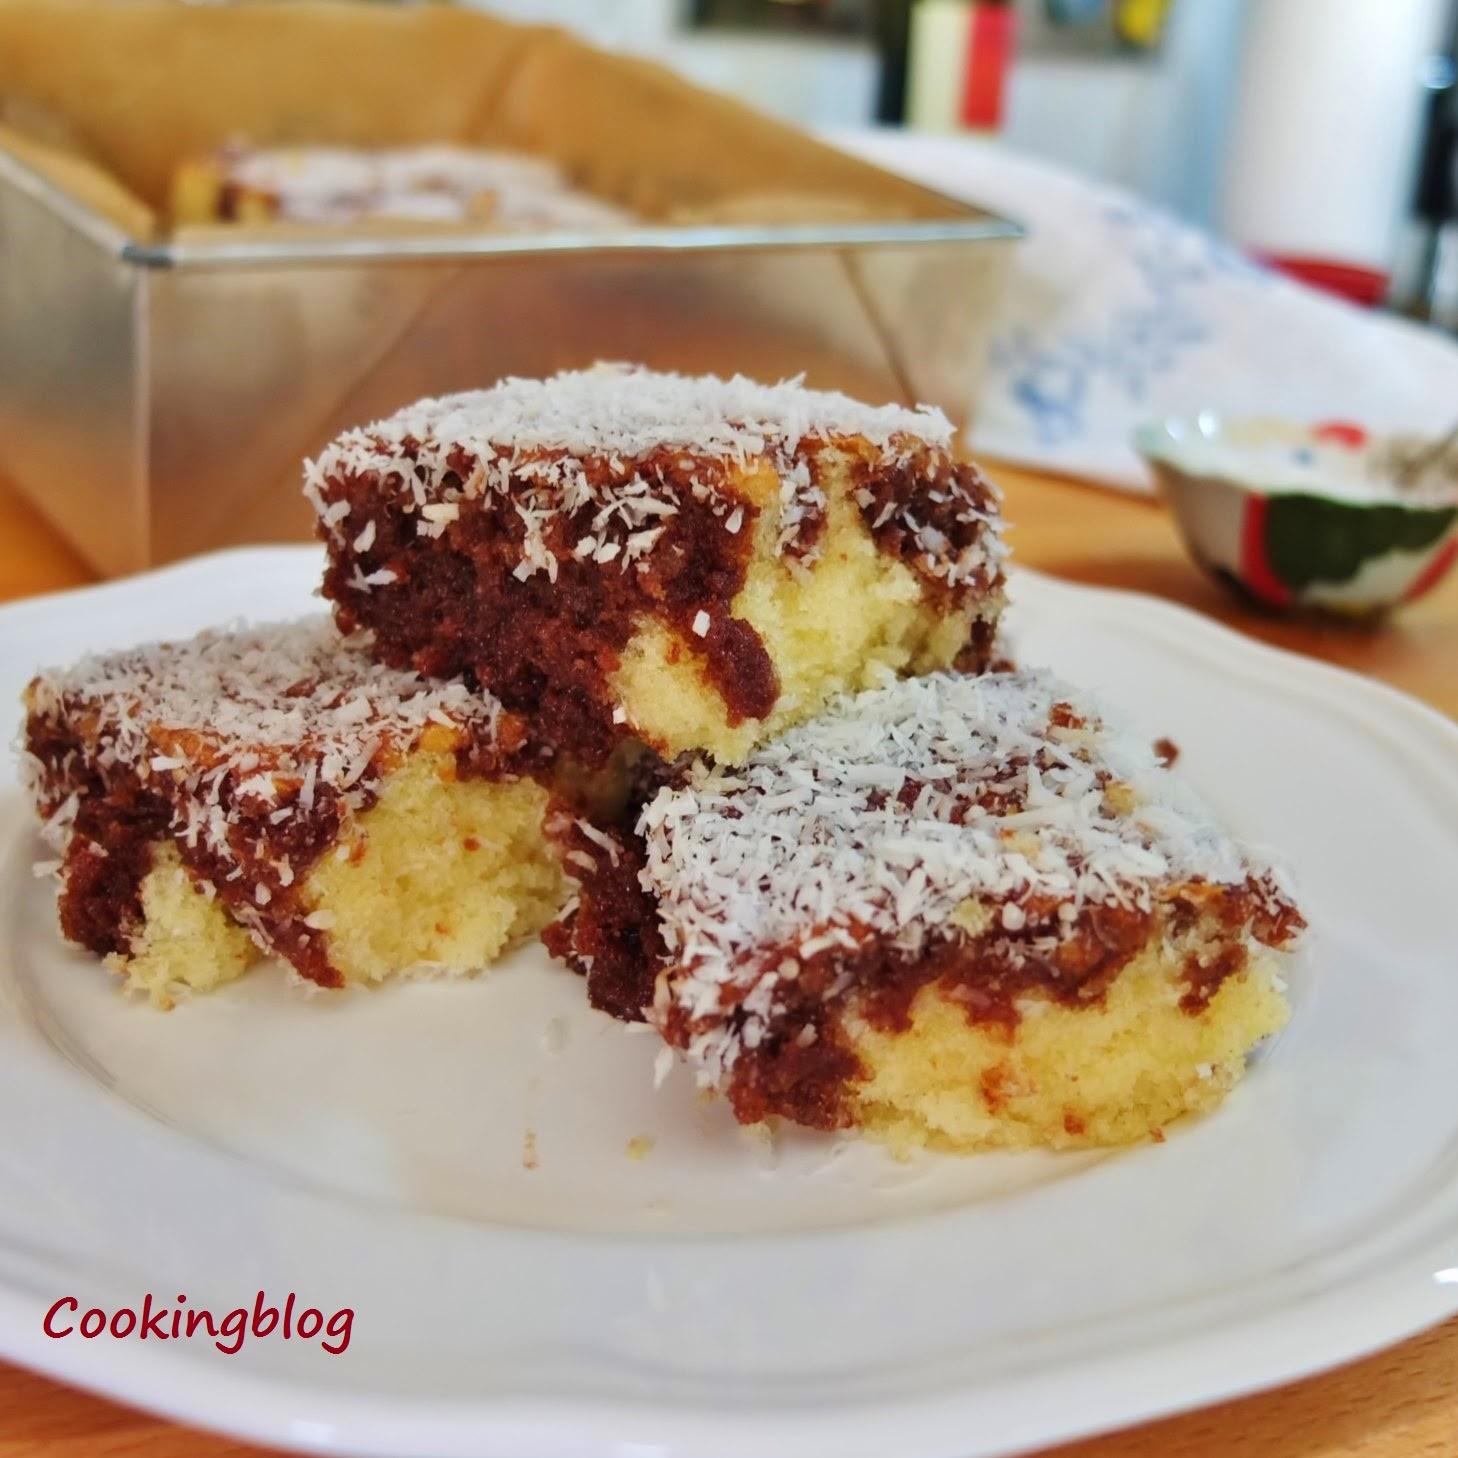 Bolo lamington, uma especialidade Australiana, composto por um bolo tipo pão de ló coberto com chocolate e coco ralado.